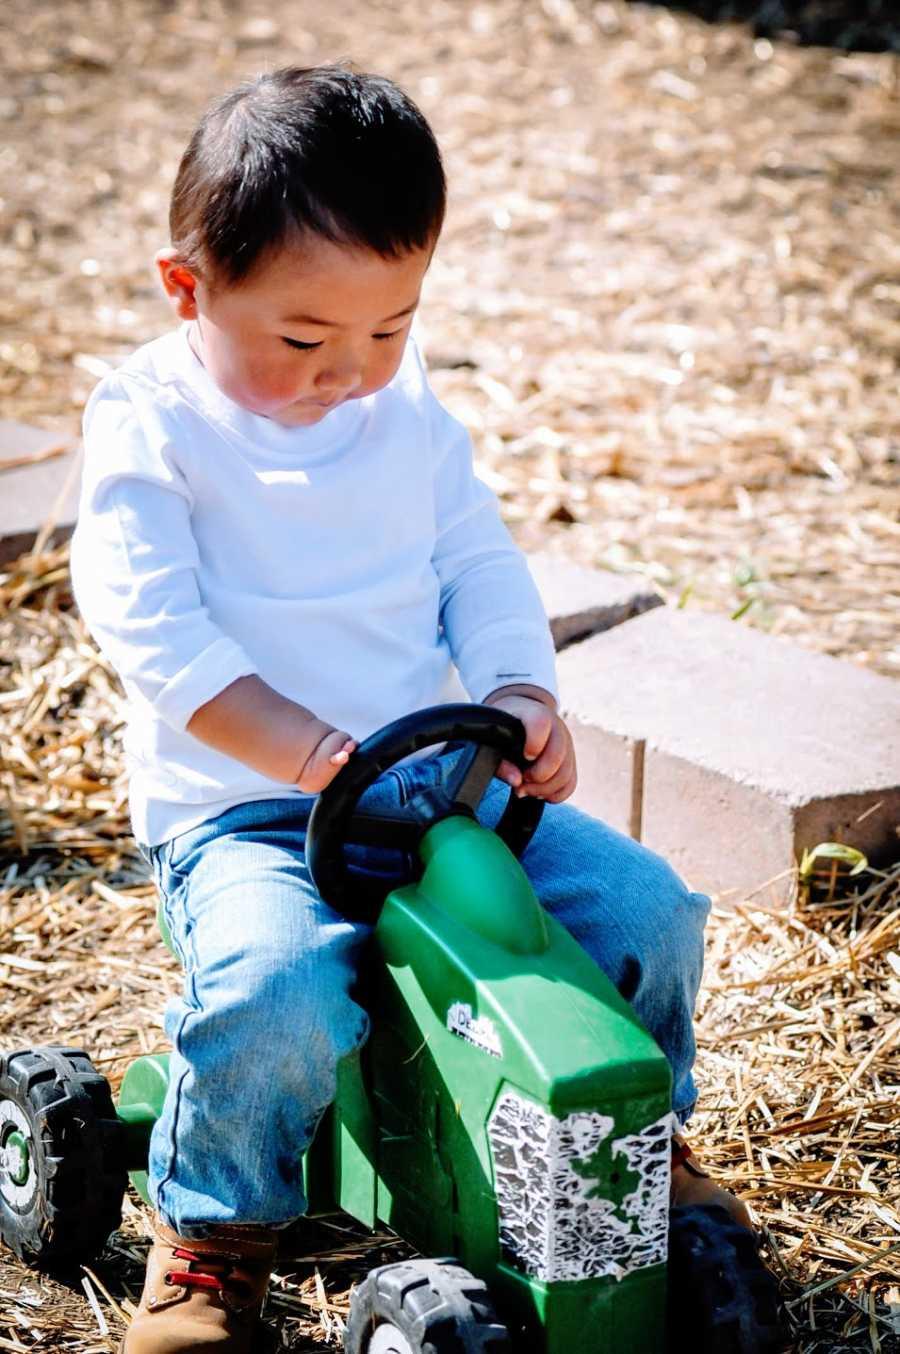 一个小男孩坐在玩具拖拉机上